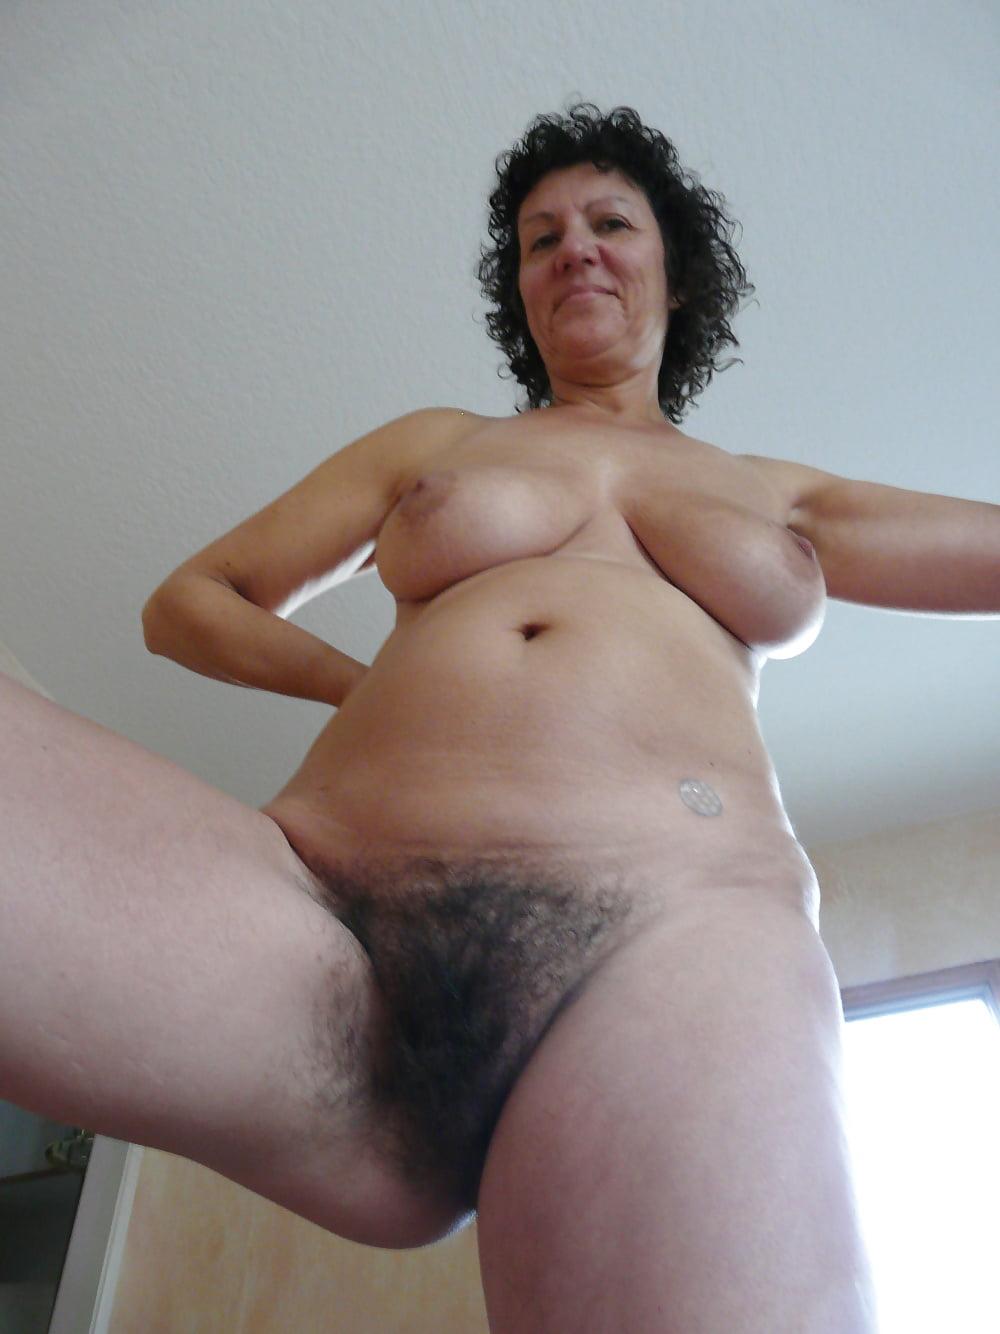 говорят, что волосатые лобки зрелых женщин-порно фото съёмках